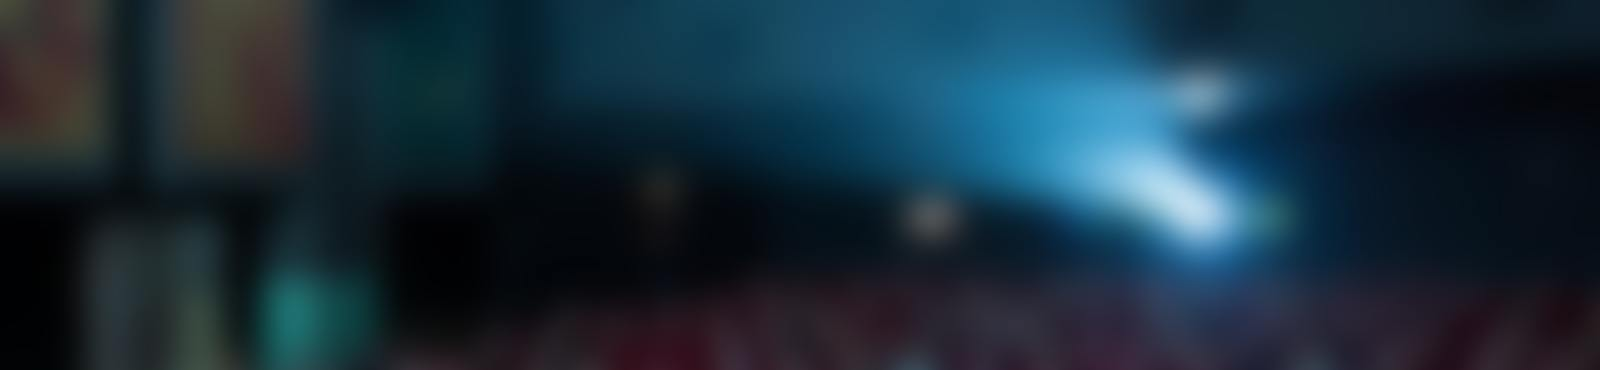 Blurred 1911016 10151891601666050 382069425 o